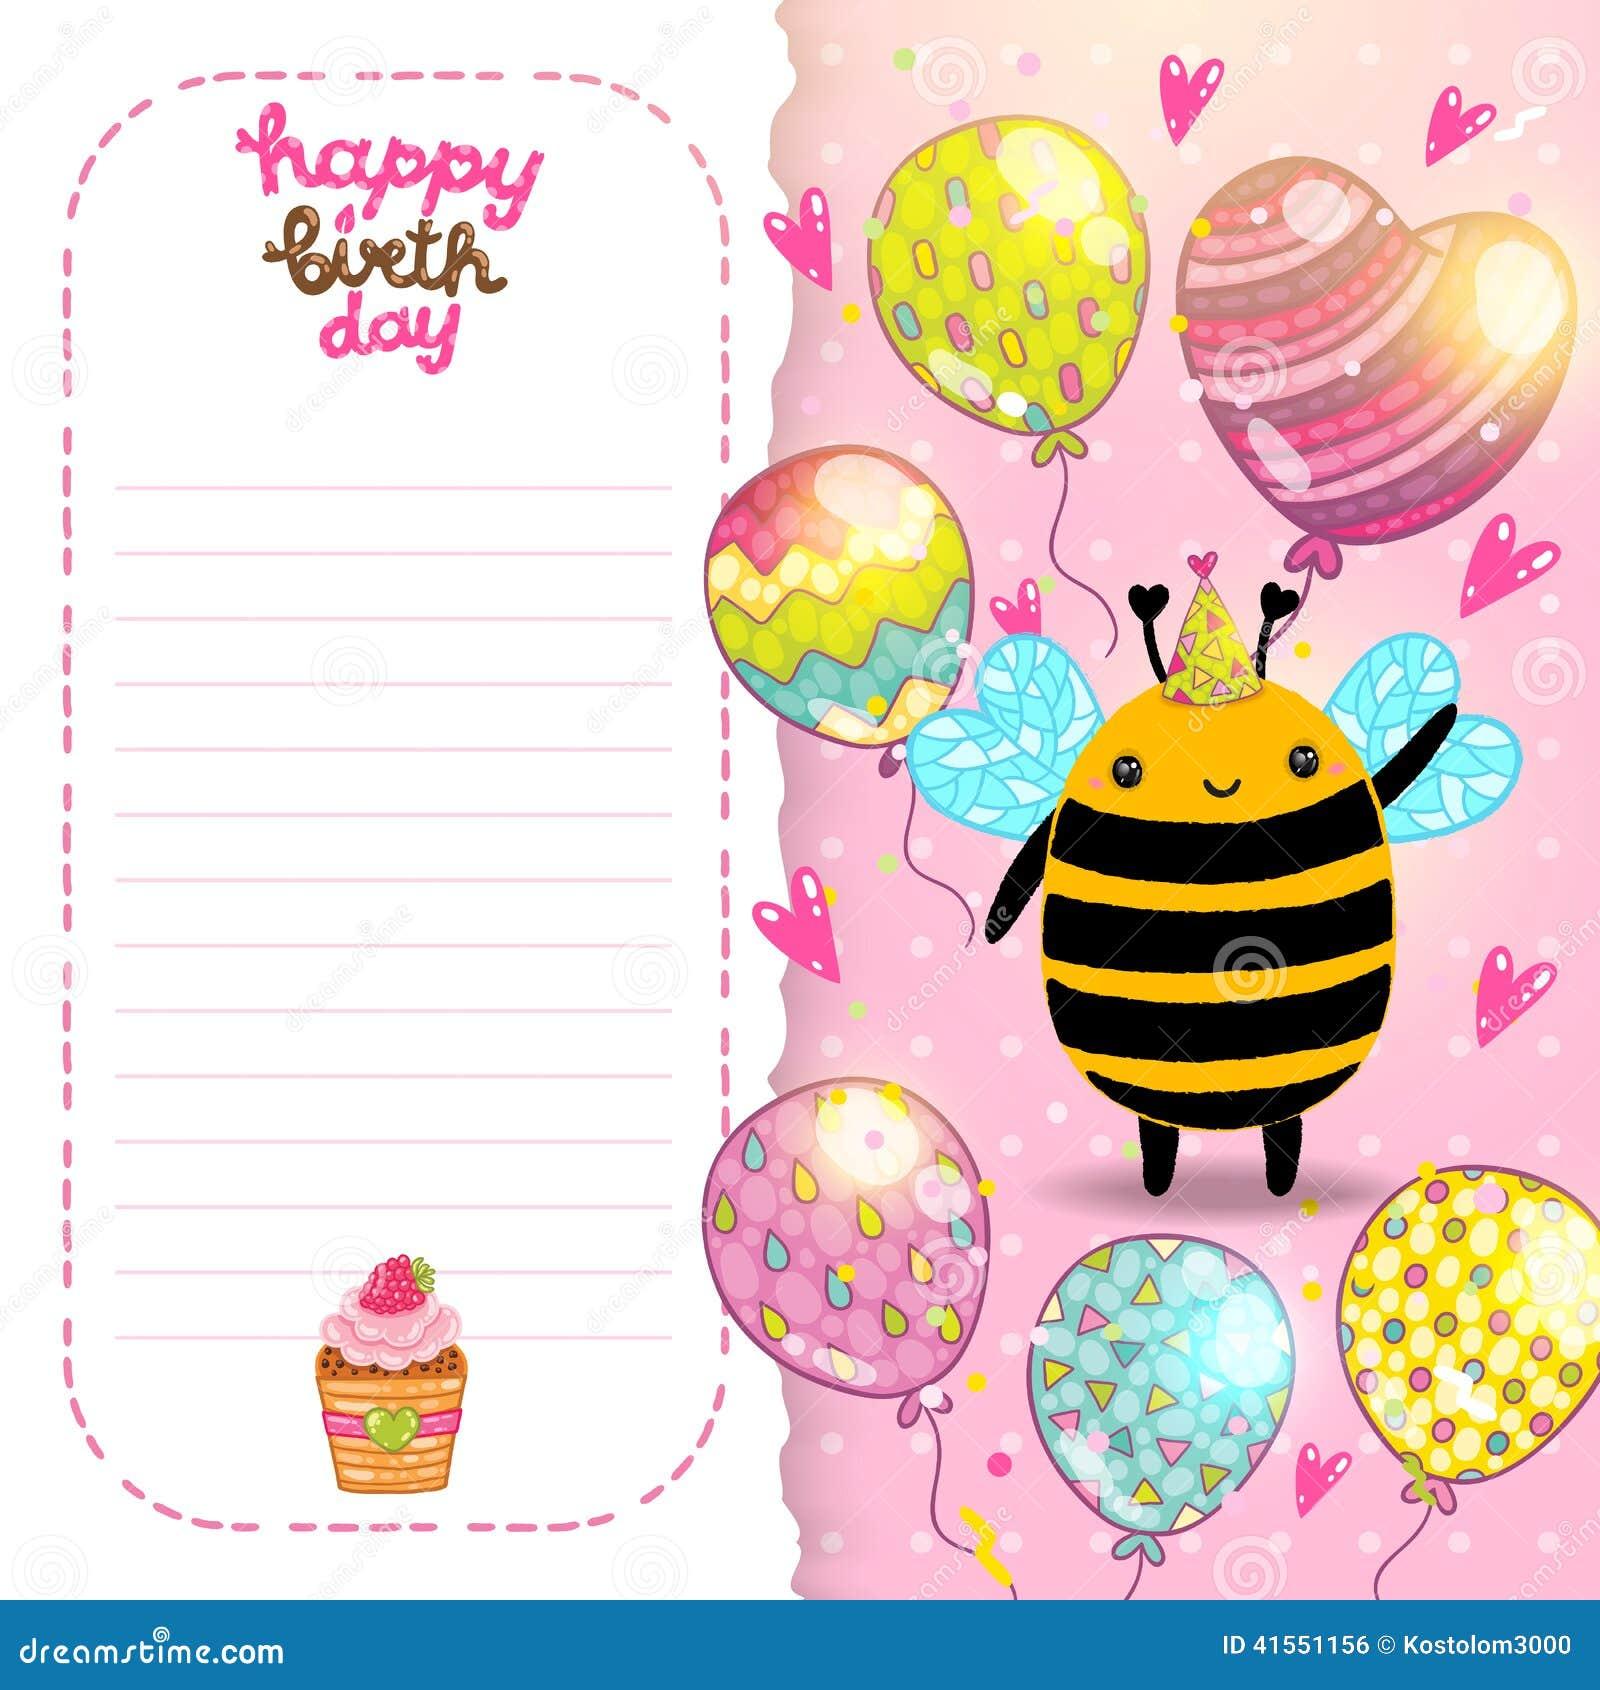 Двухсторонние открытки для печати на принтере на день рождения, цветы